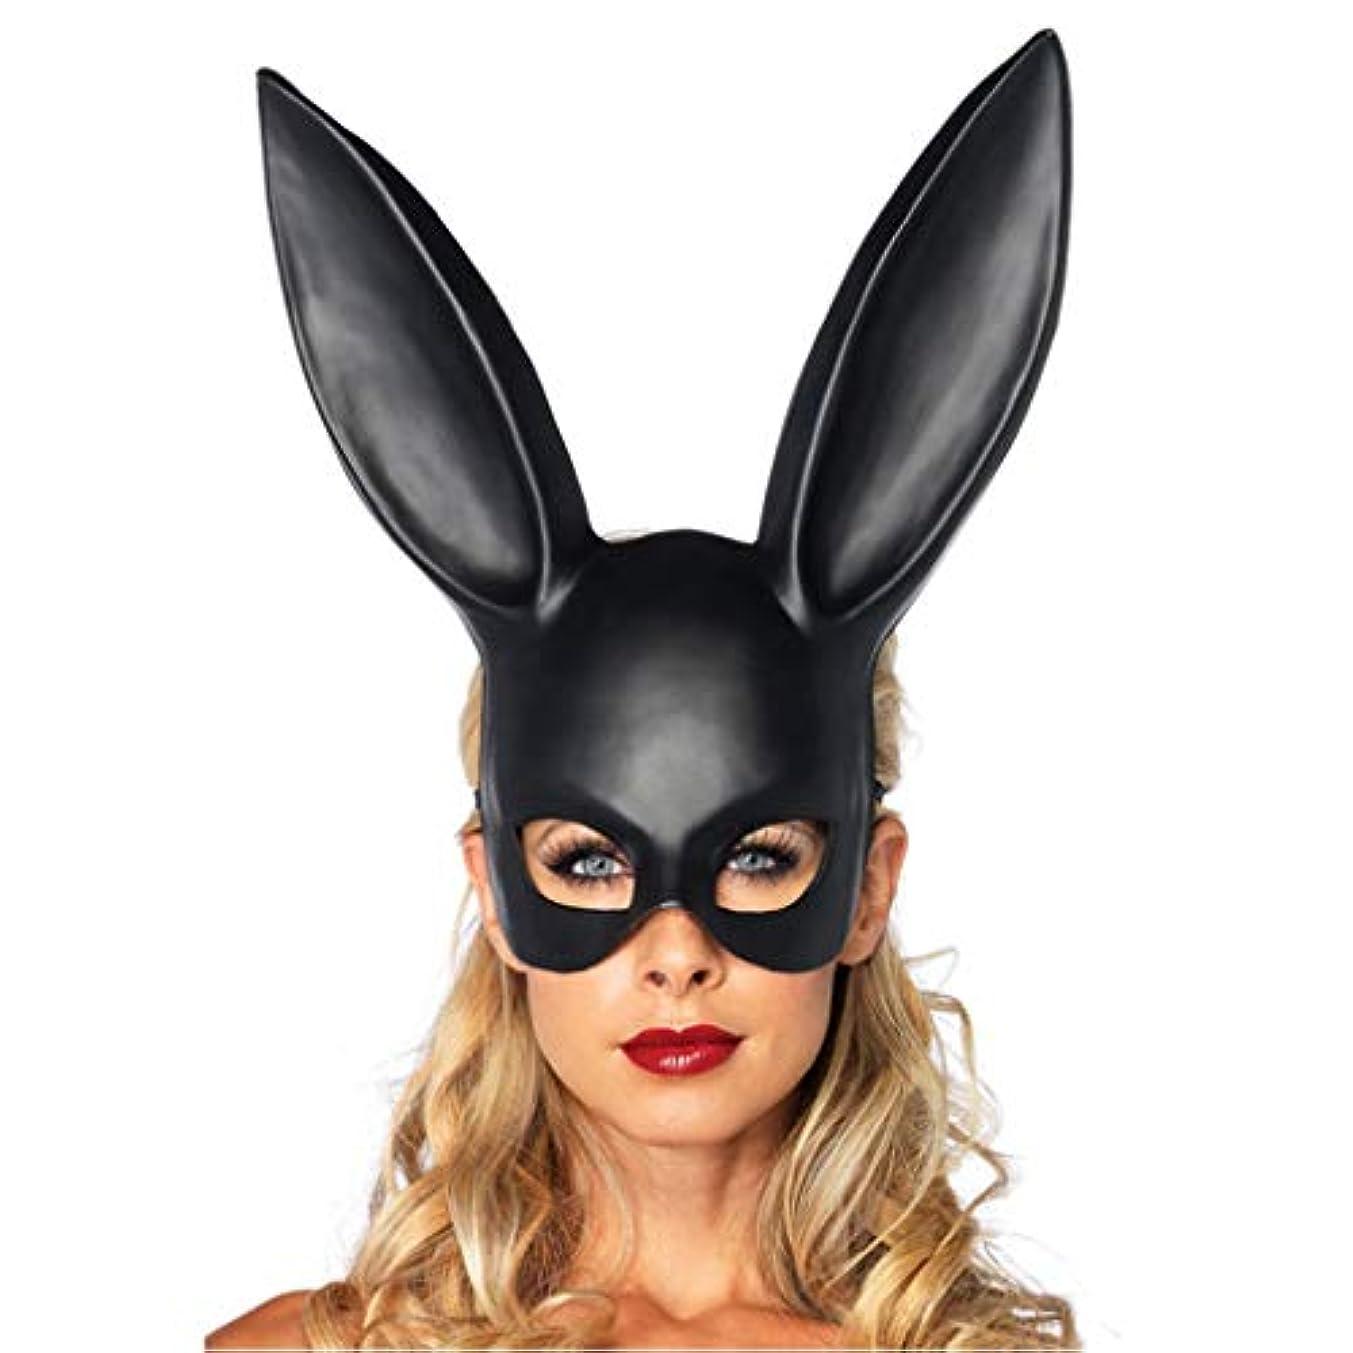 必要ないキャプションバージンハロウィンうさぎ耳仮面舞踏会ボールパーティーコスプレコスチュームパーティー (Color : MATT BLACK)